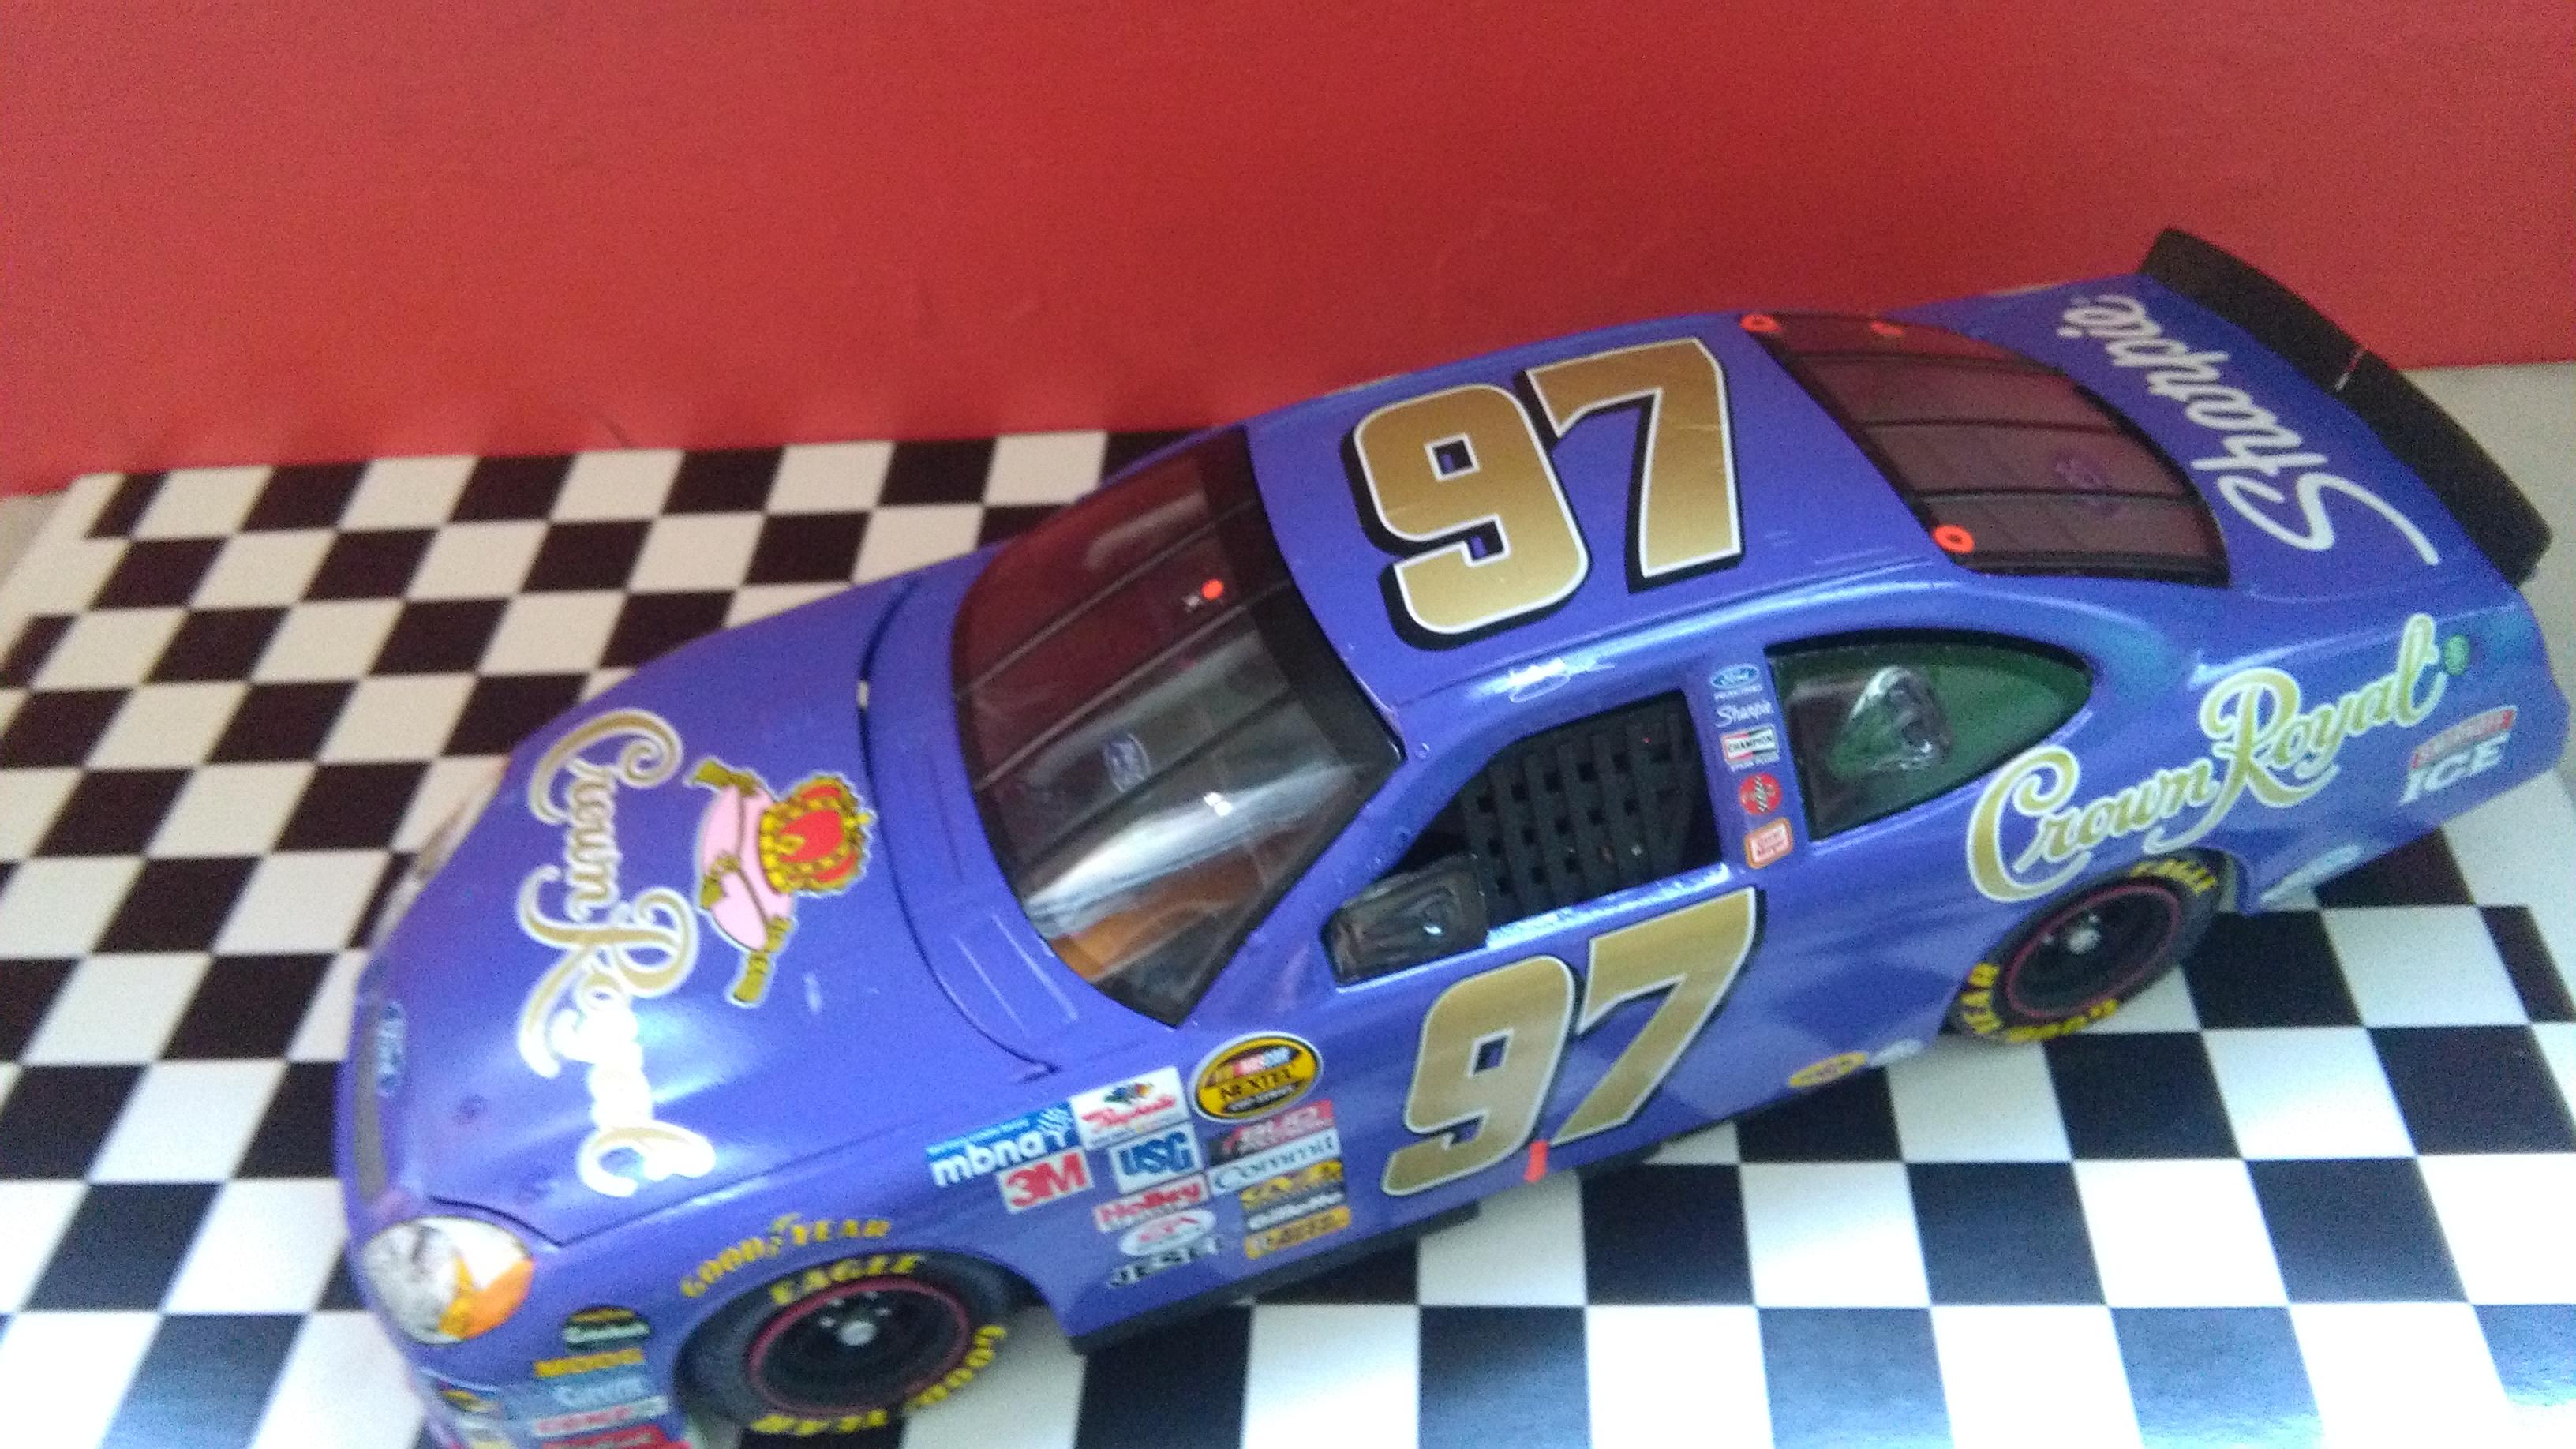 Ford Taurus 2005 #97 Kurt Busch Crown Royal  494645IMG20170430145435